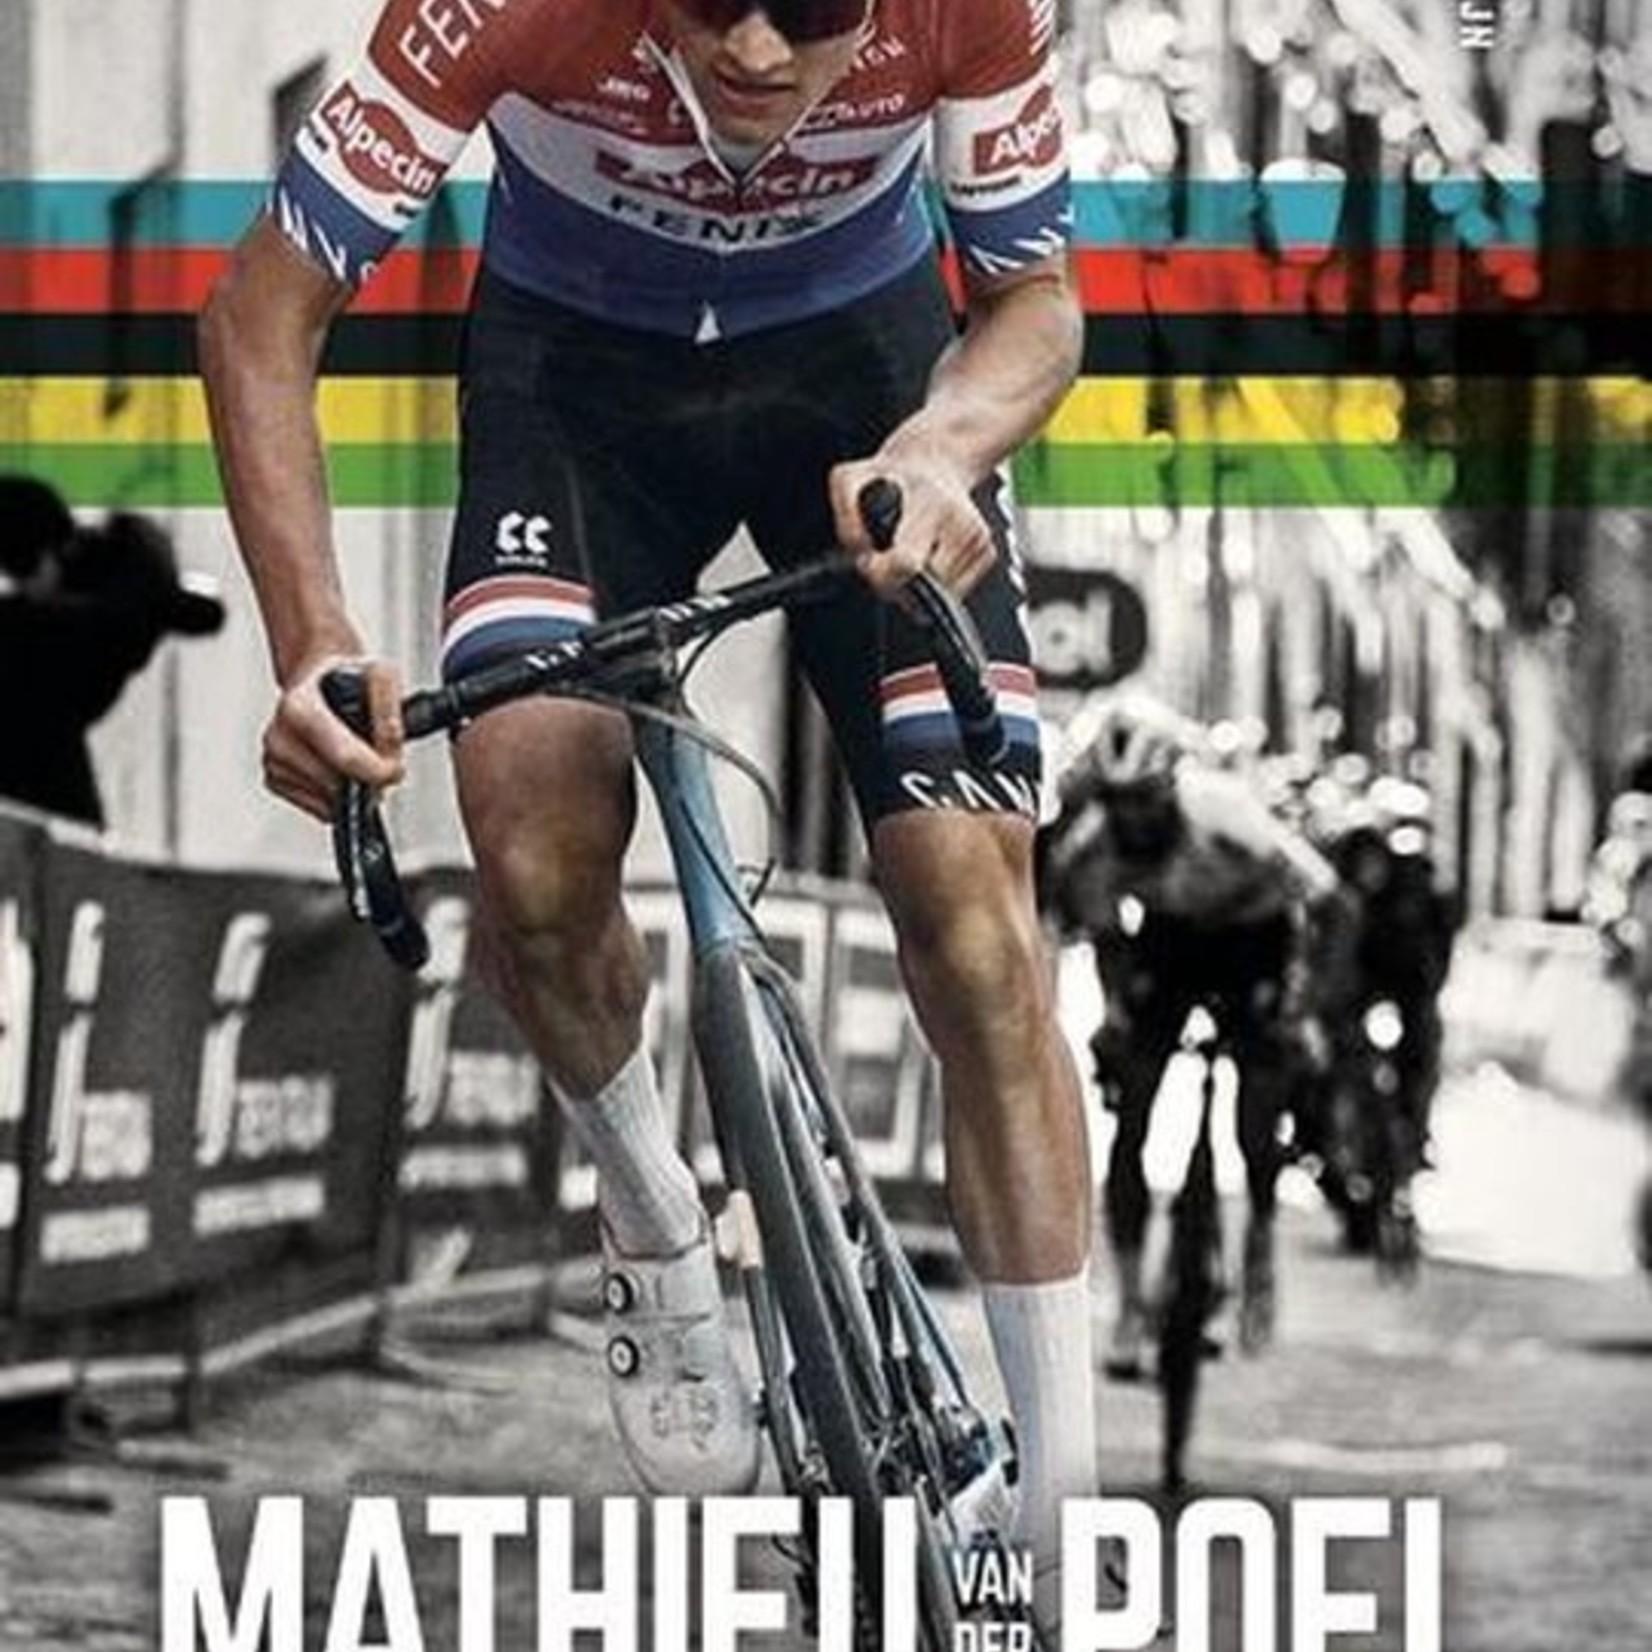 Boek Mathieu Van Der Poel